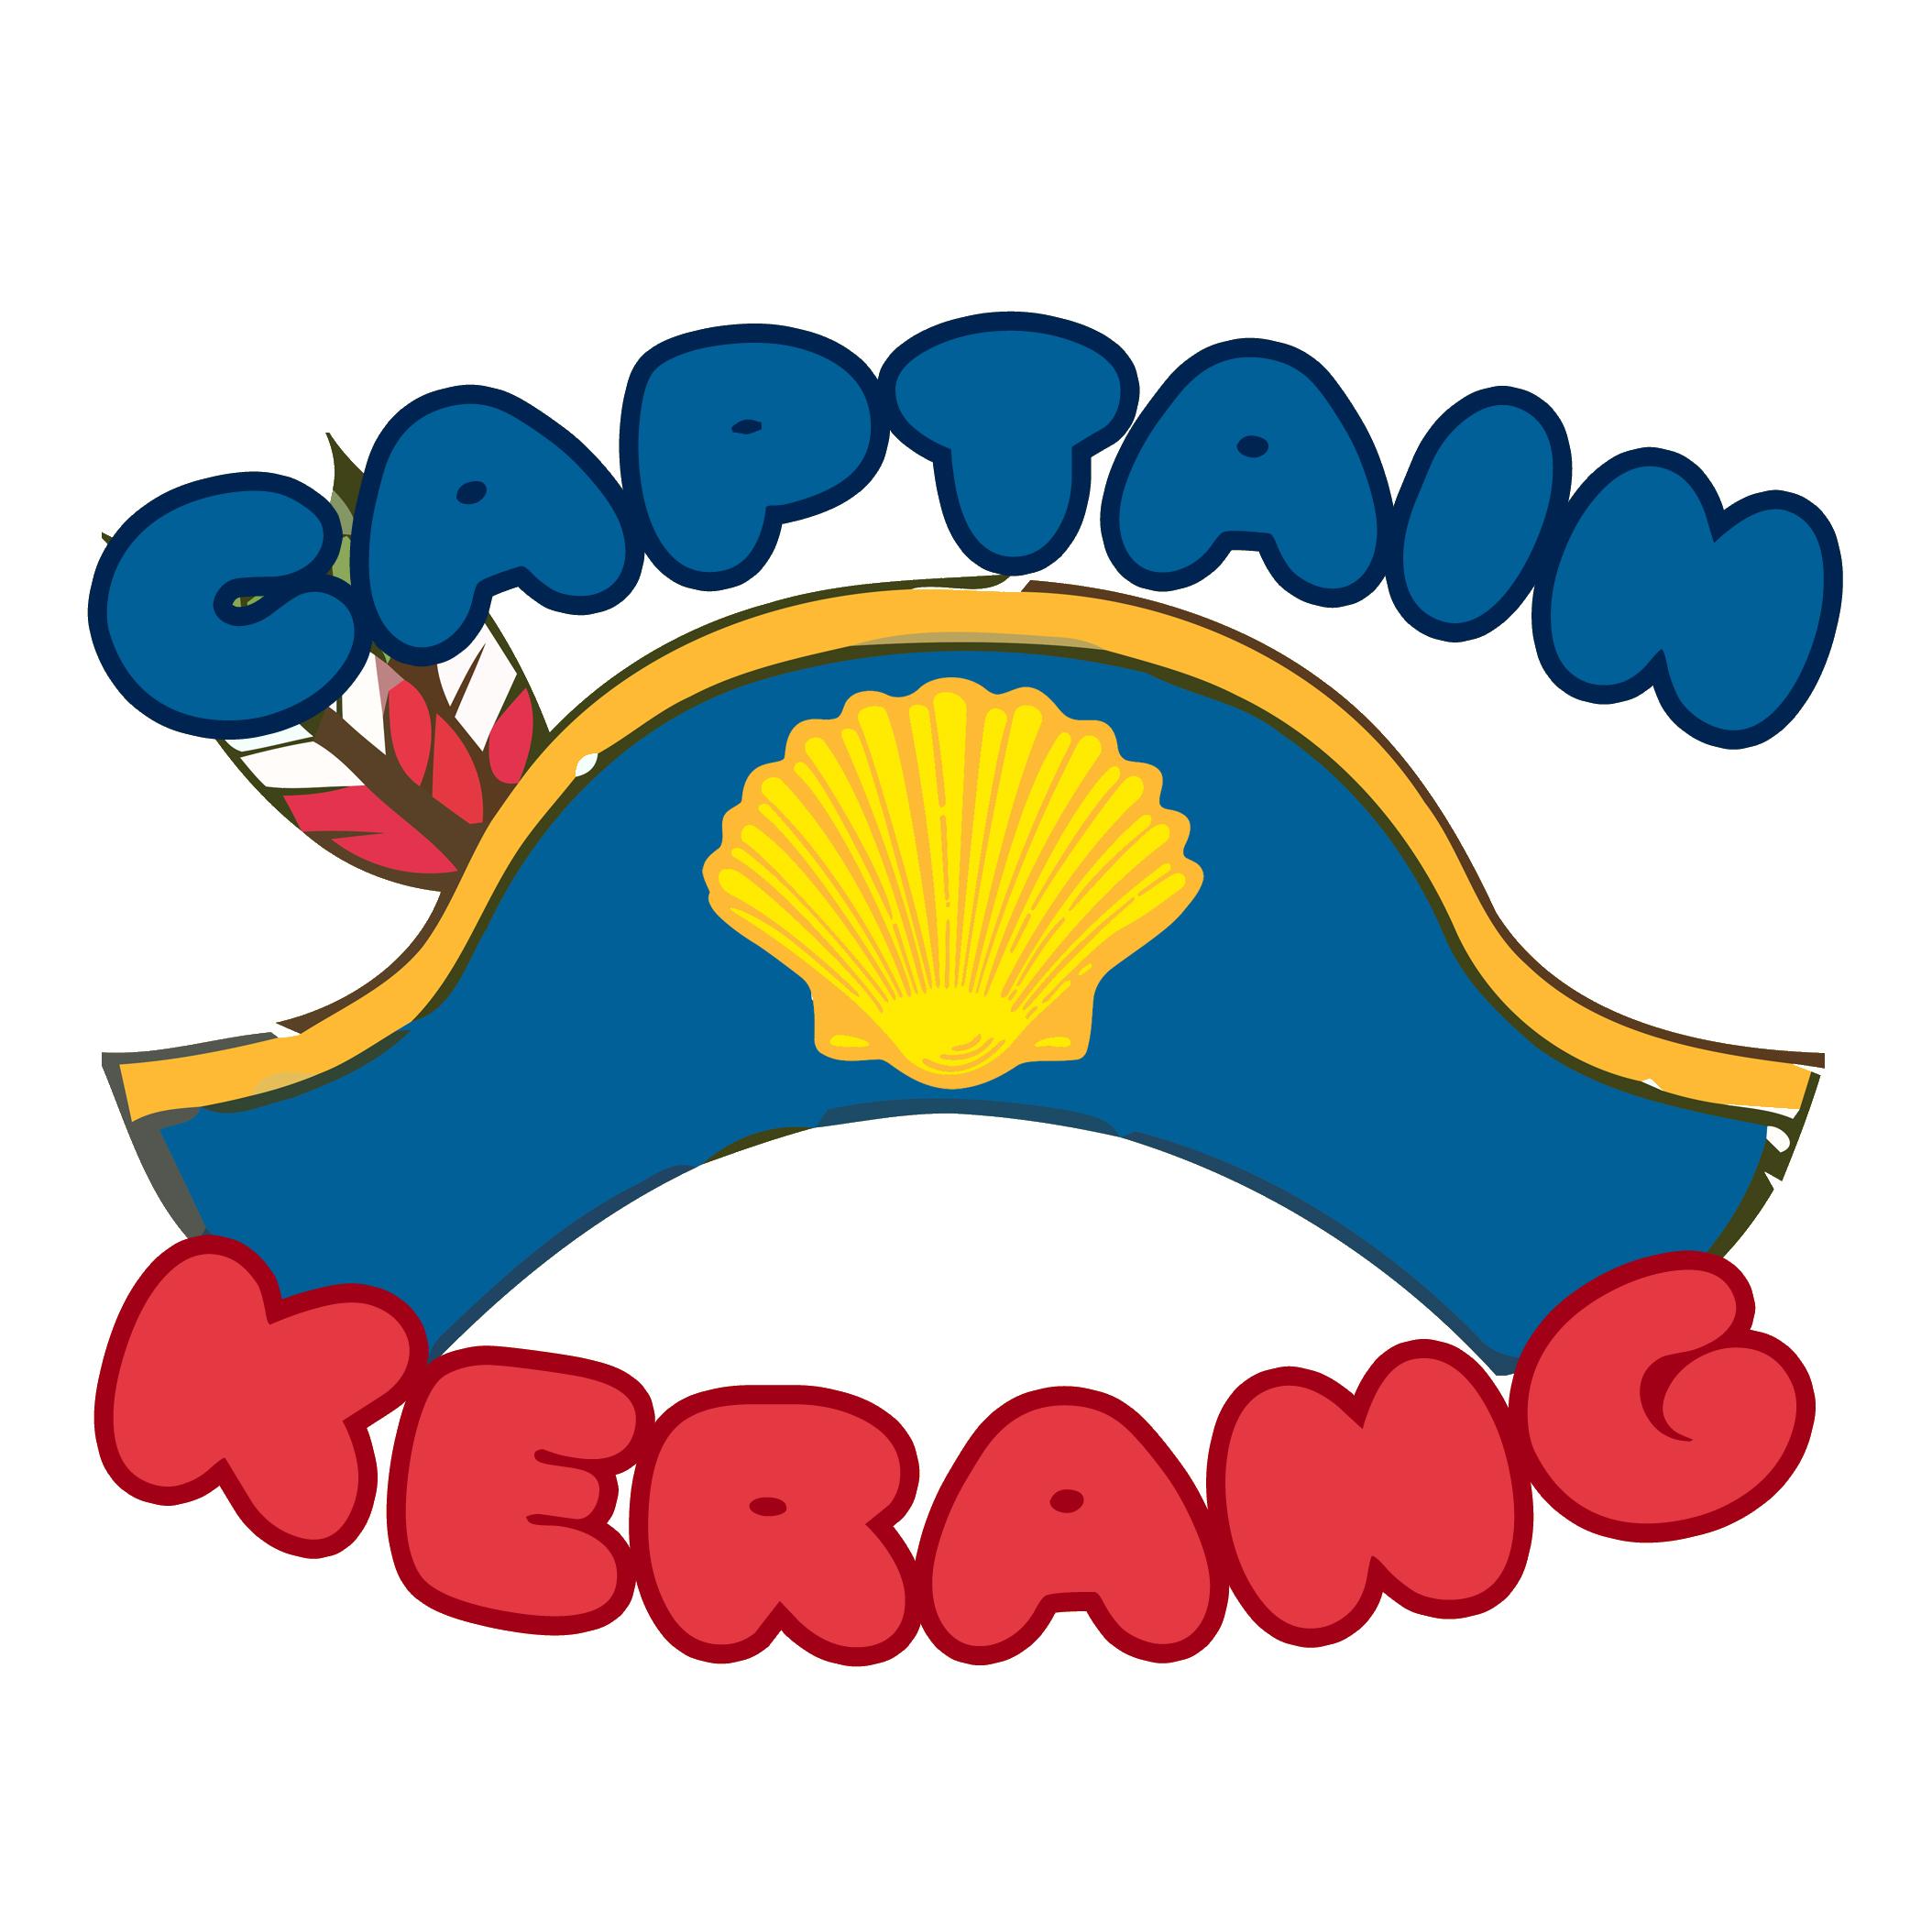 Clam clipart kerang. Captain turunkan jangkar sudah